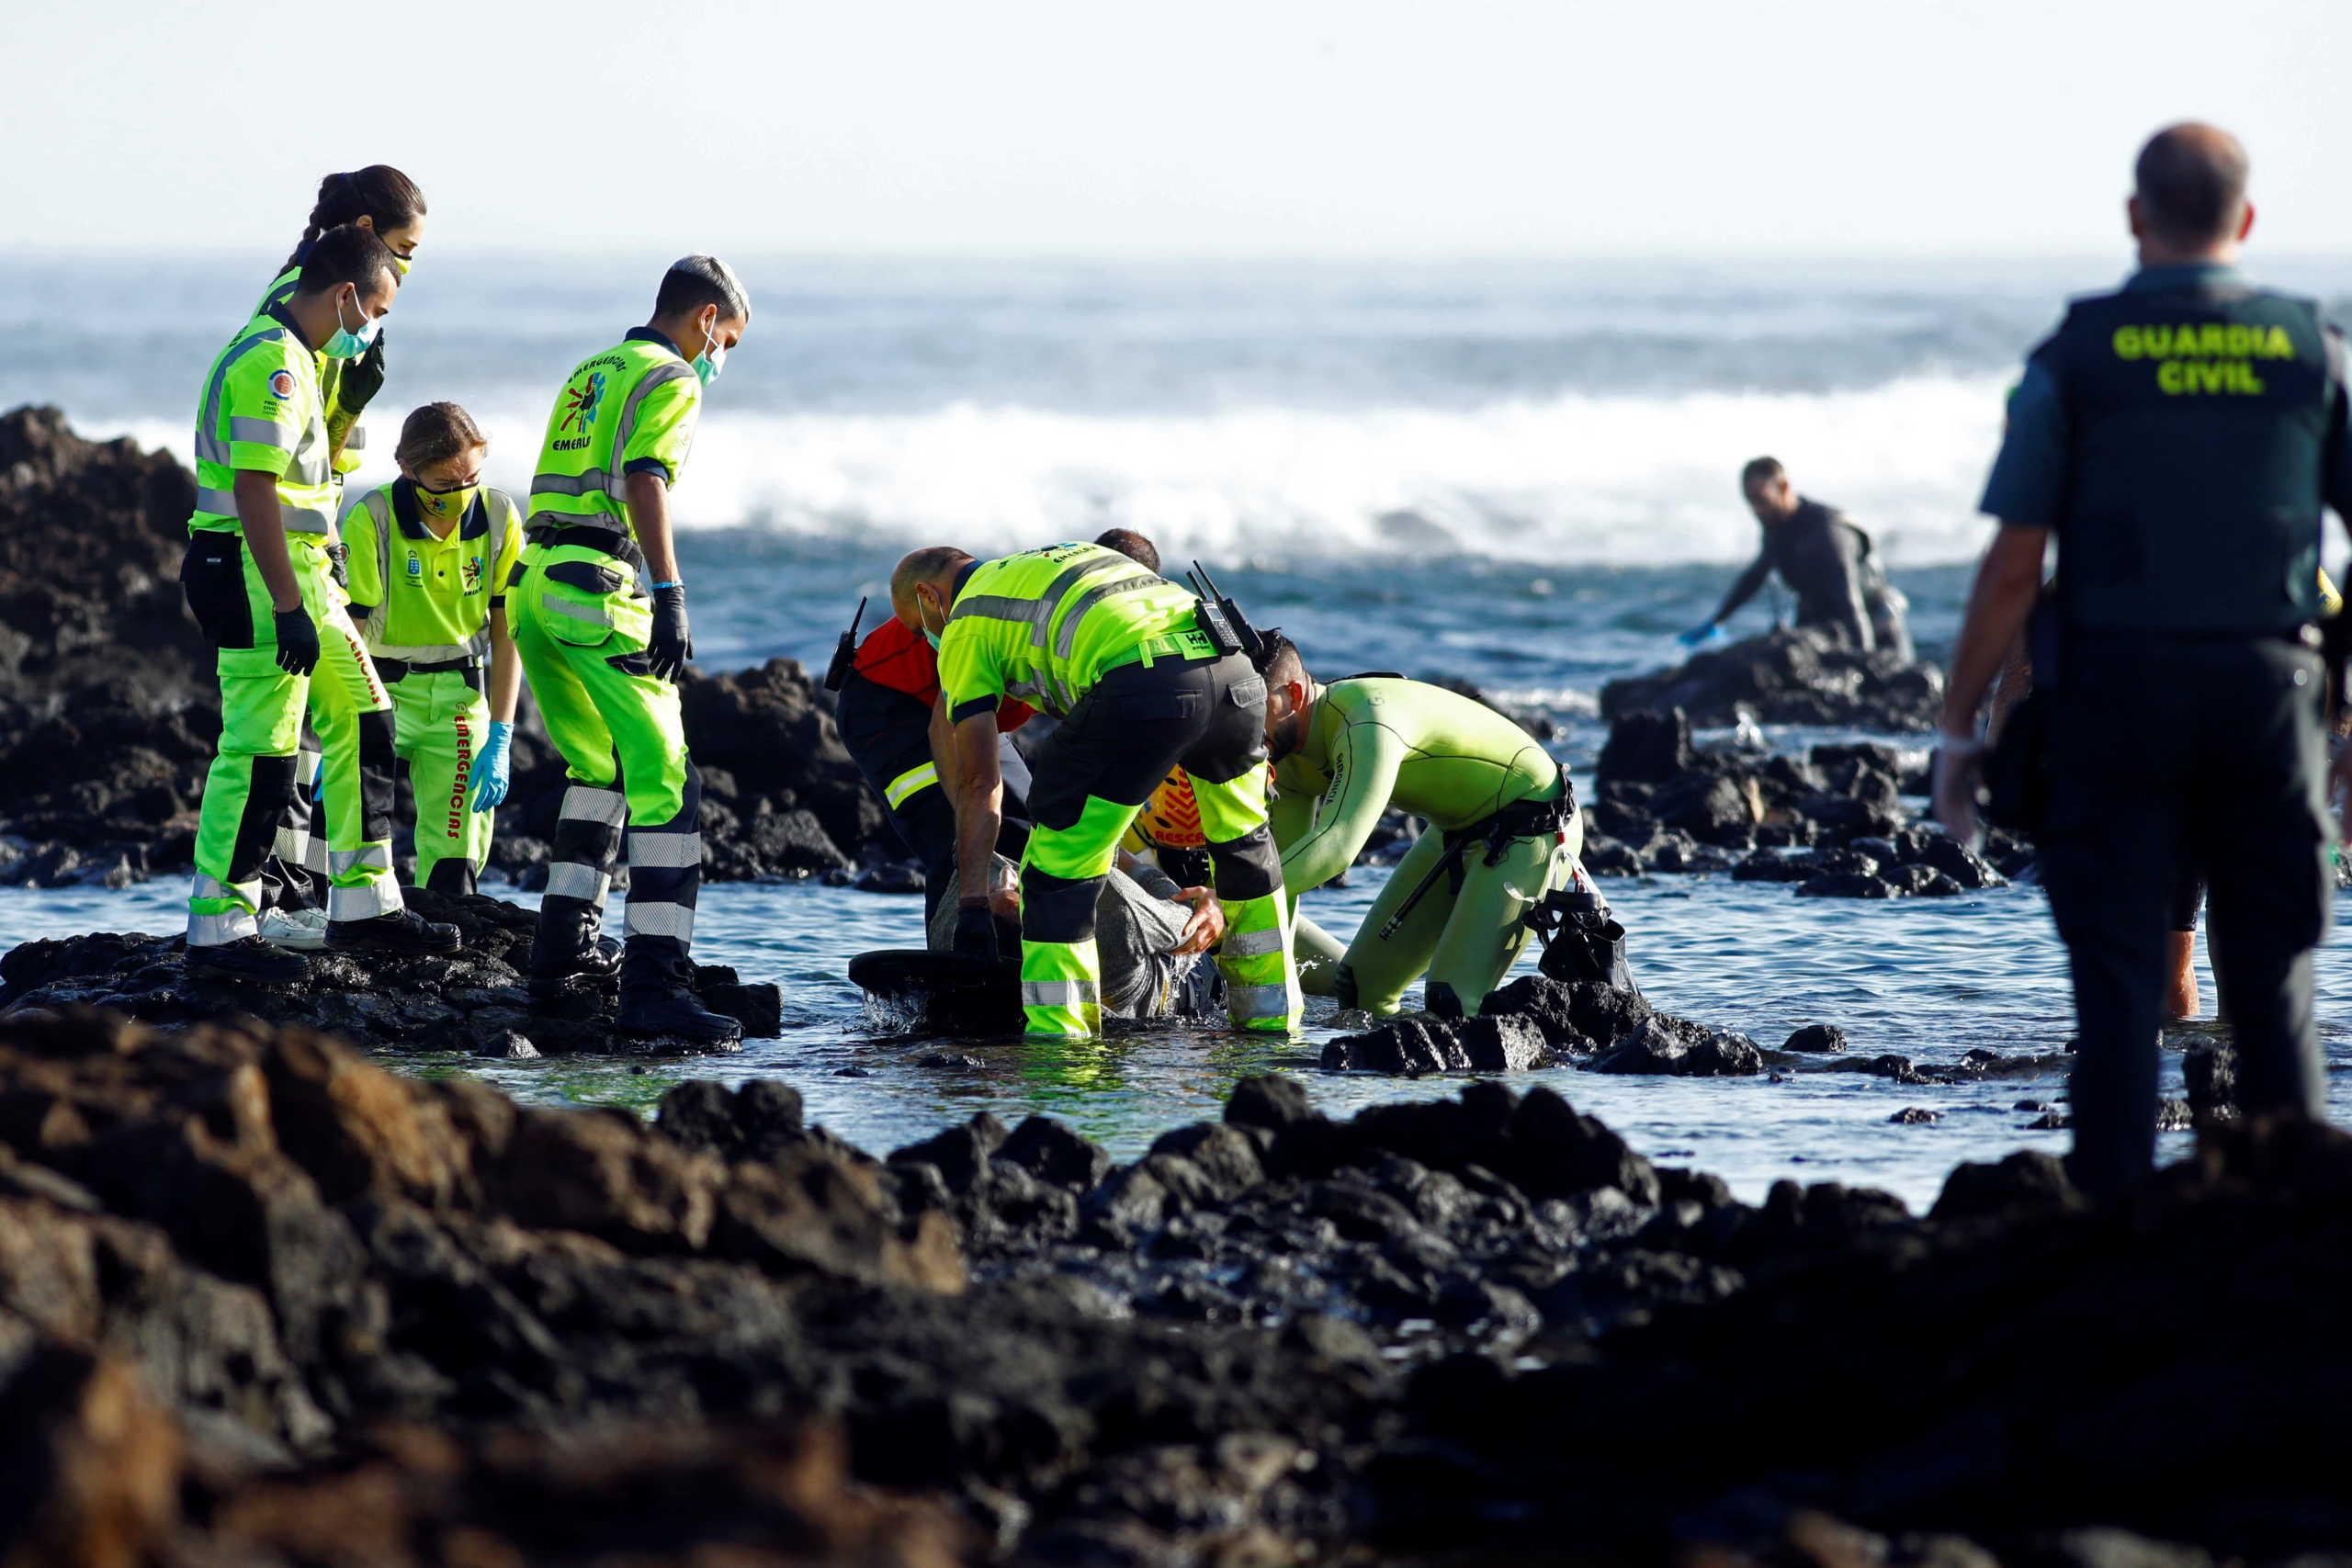 Ισπανία: Ναυάγιο με μετανάστες κοντά στα Κανάρια Νησιά – Τουλάχιστον 4 νεκροί (pics, vid)